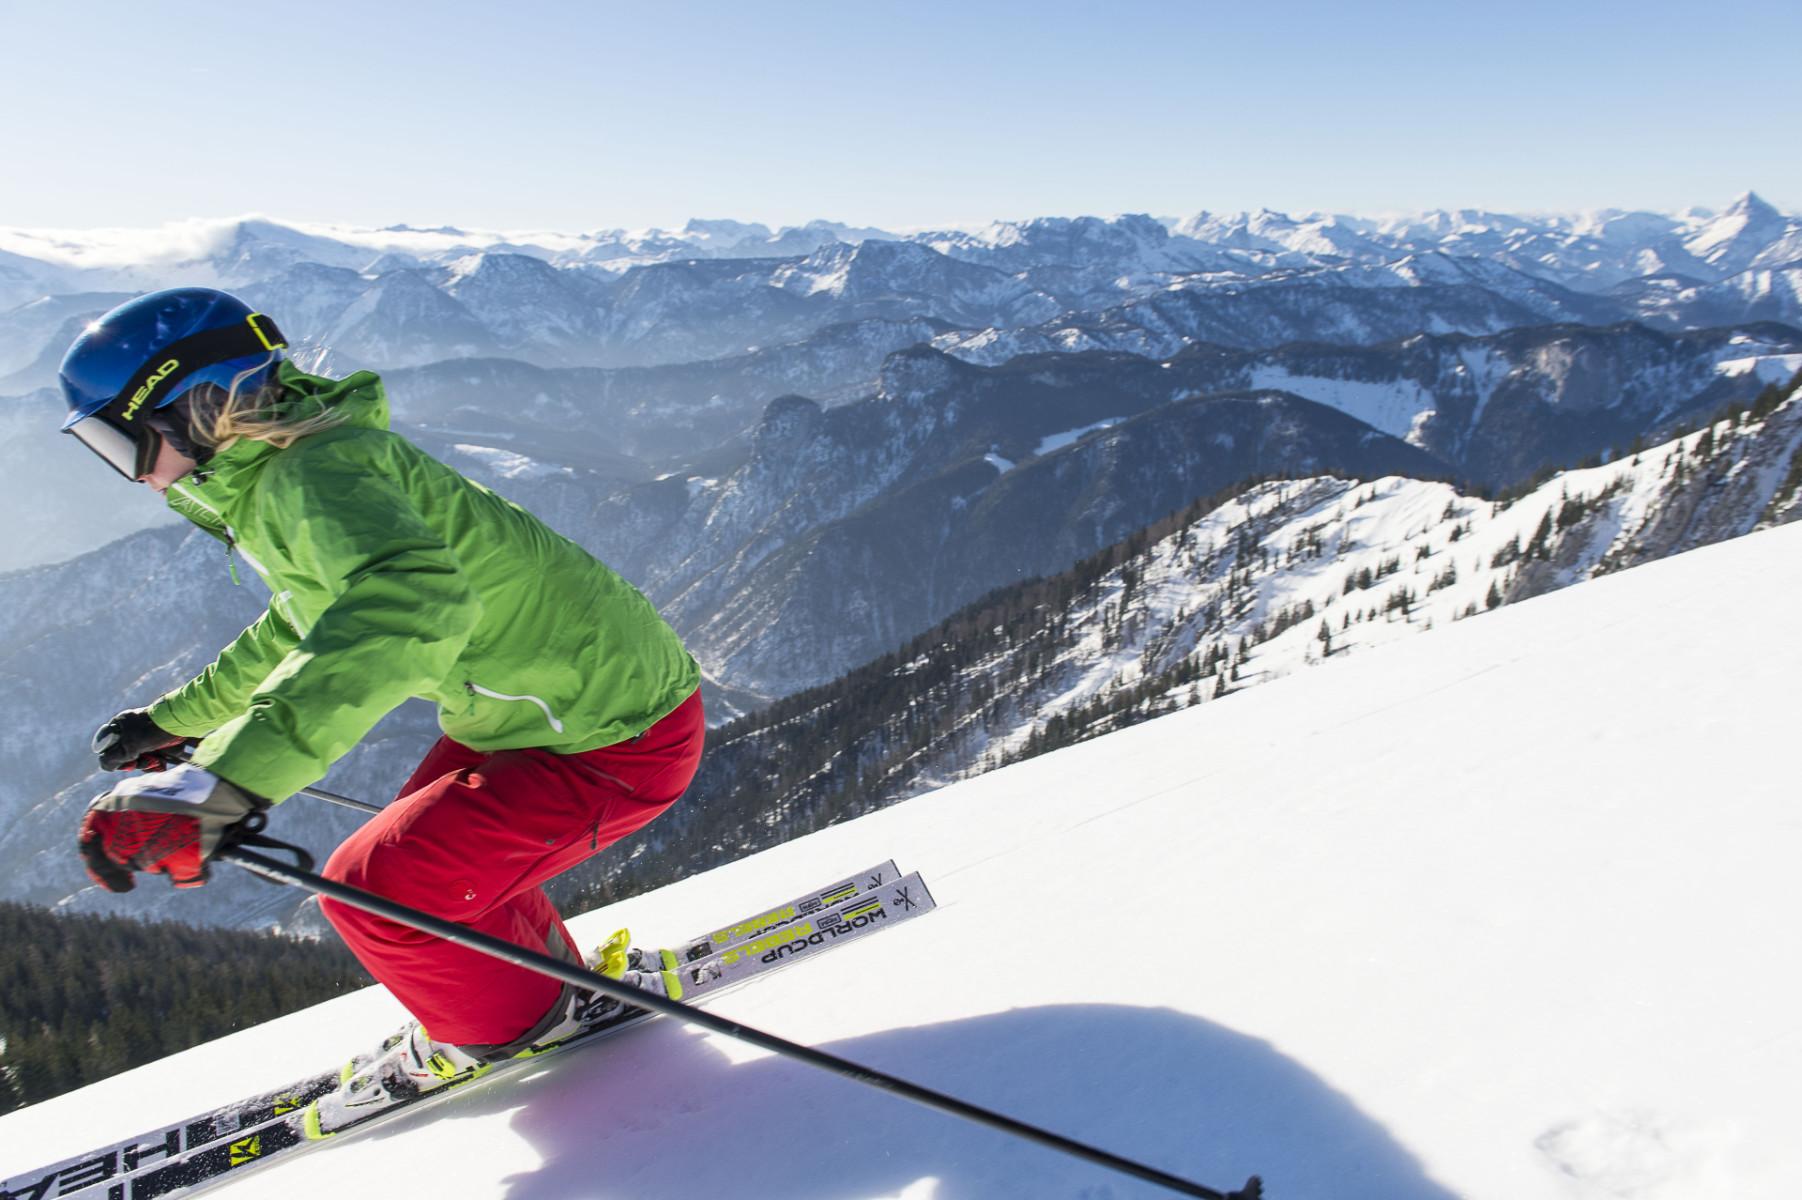 Toto najvyššie položené lyžiarske stredisko Dolného Rakúska je známe svojou  legendárnou zárukou dobrých snehových podmienok. Vo vzdialenosti len 240 km  od ... 507ed63f64b